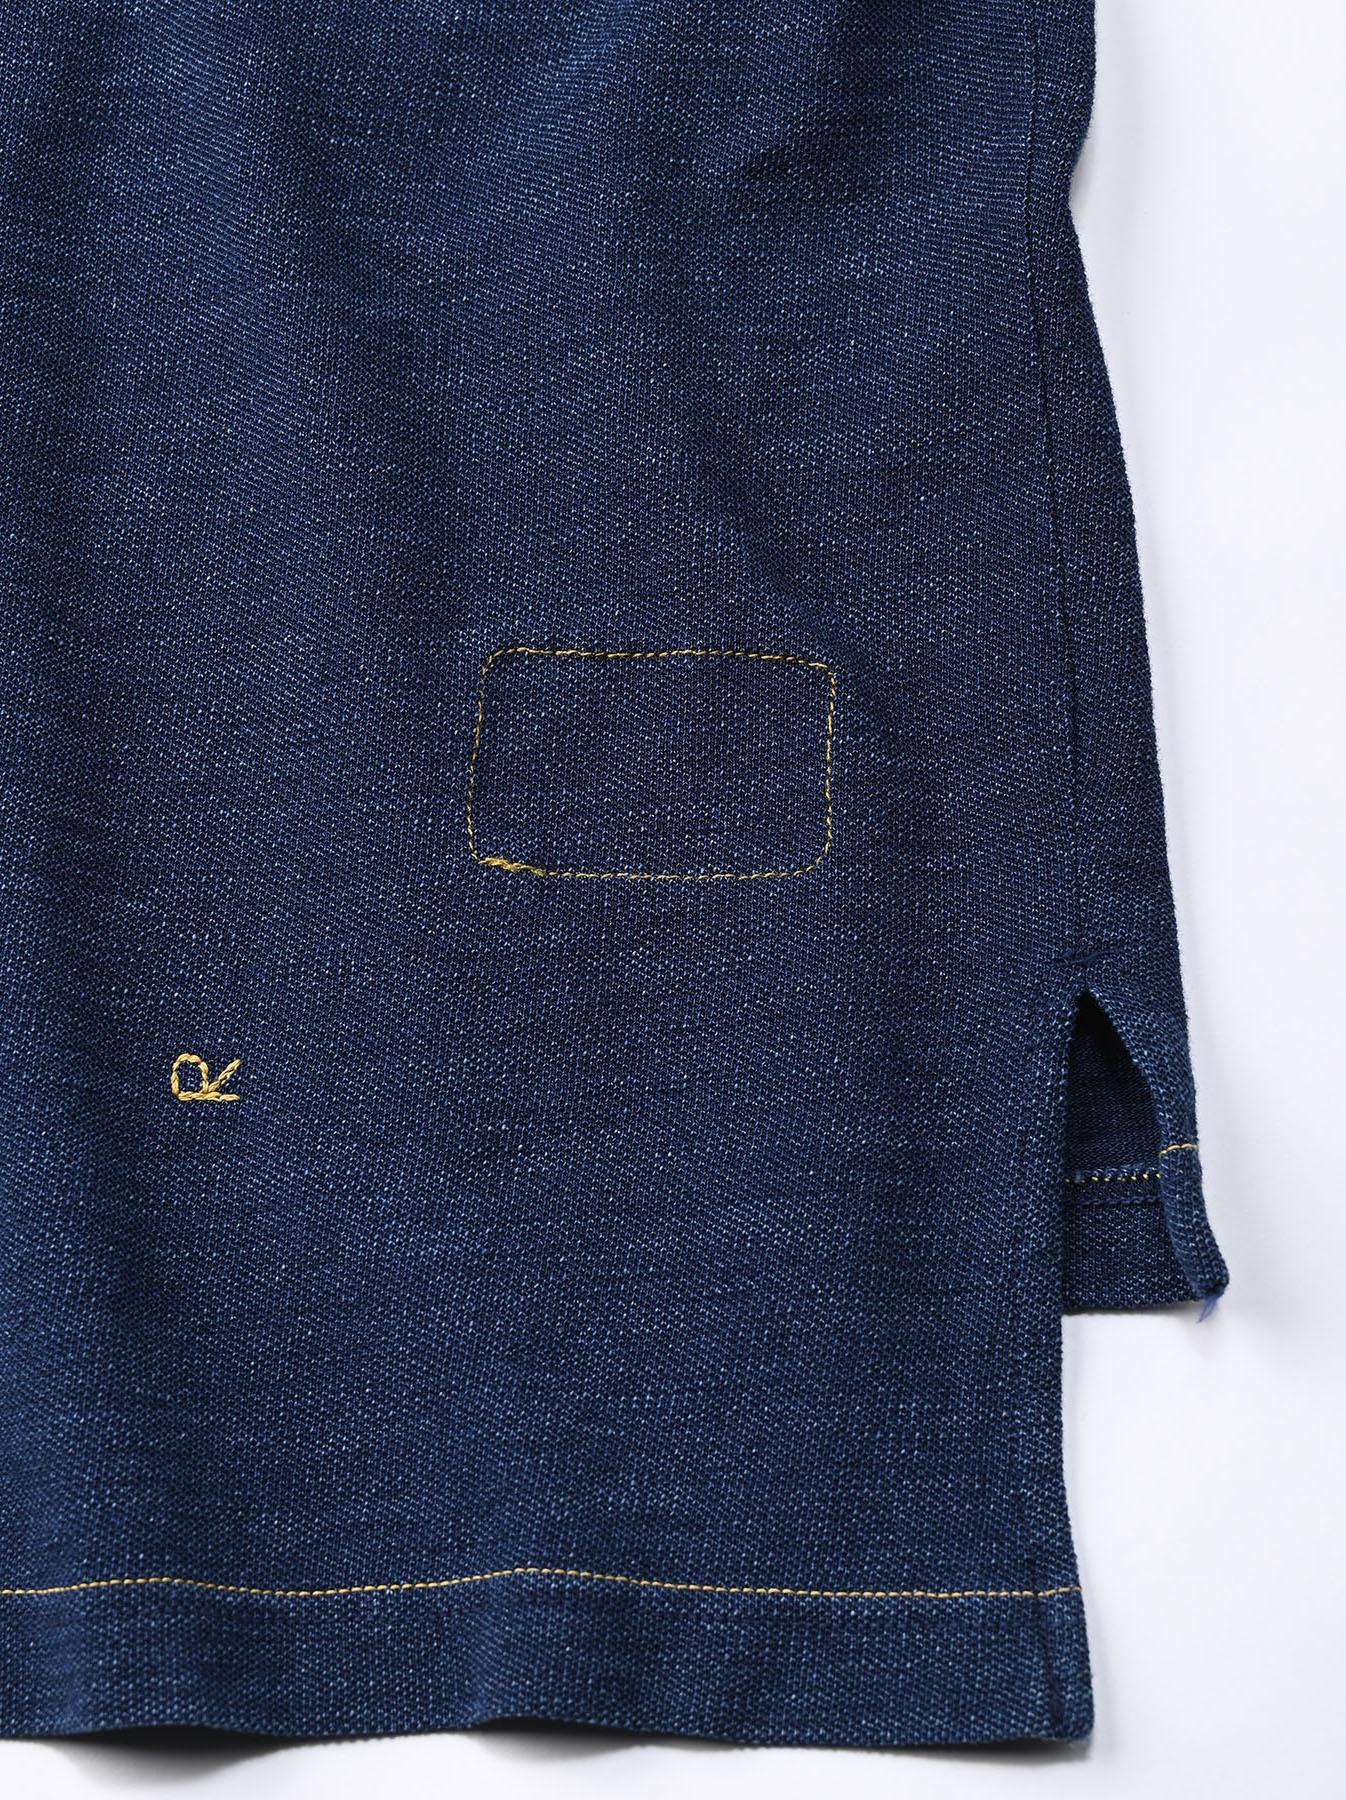 Indigo Kanoko Ocean Shiokaze Short-sleeved Polo Shirt (0521)-12